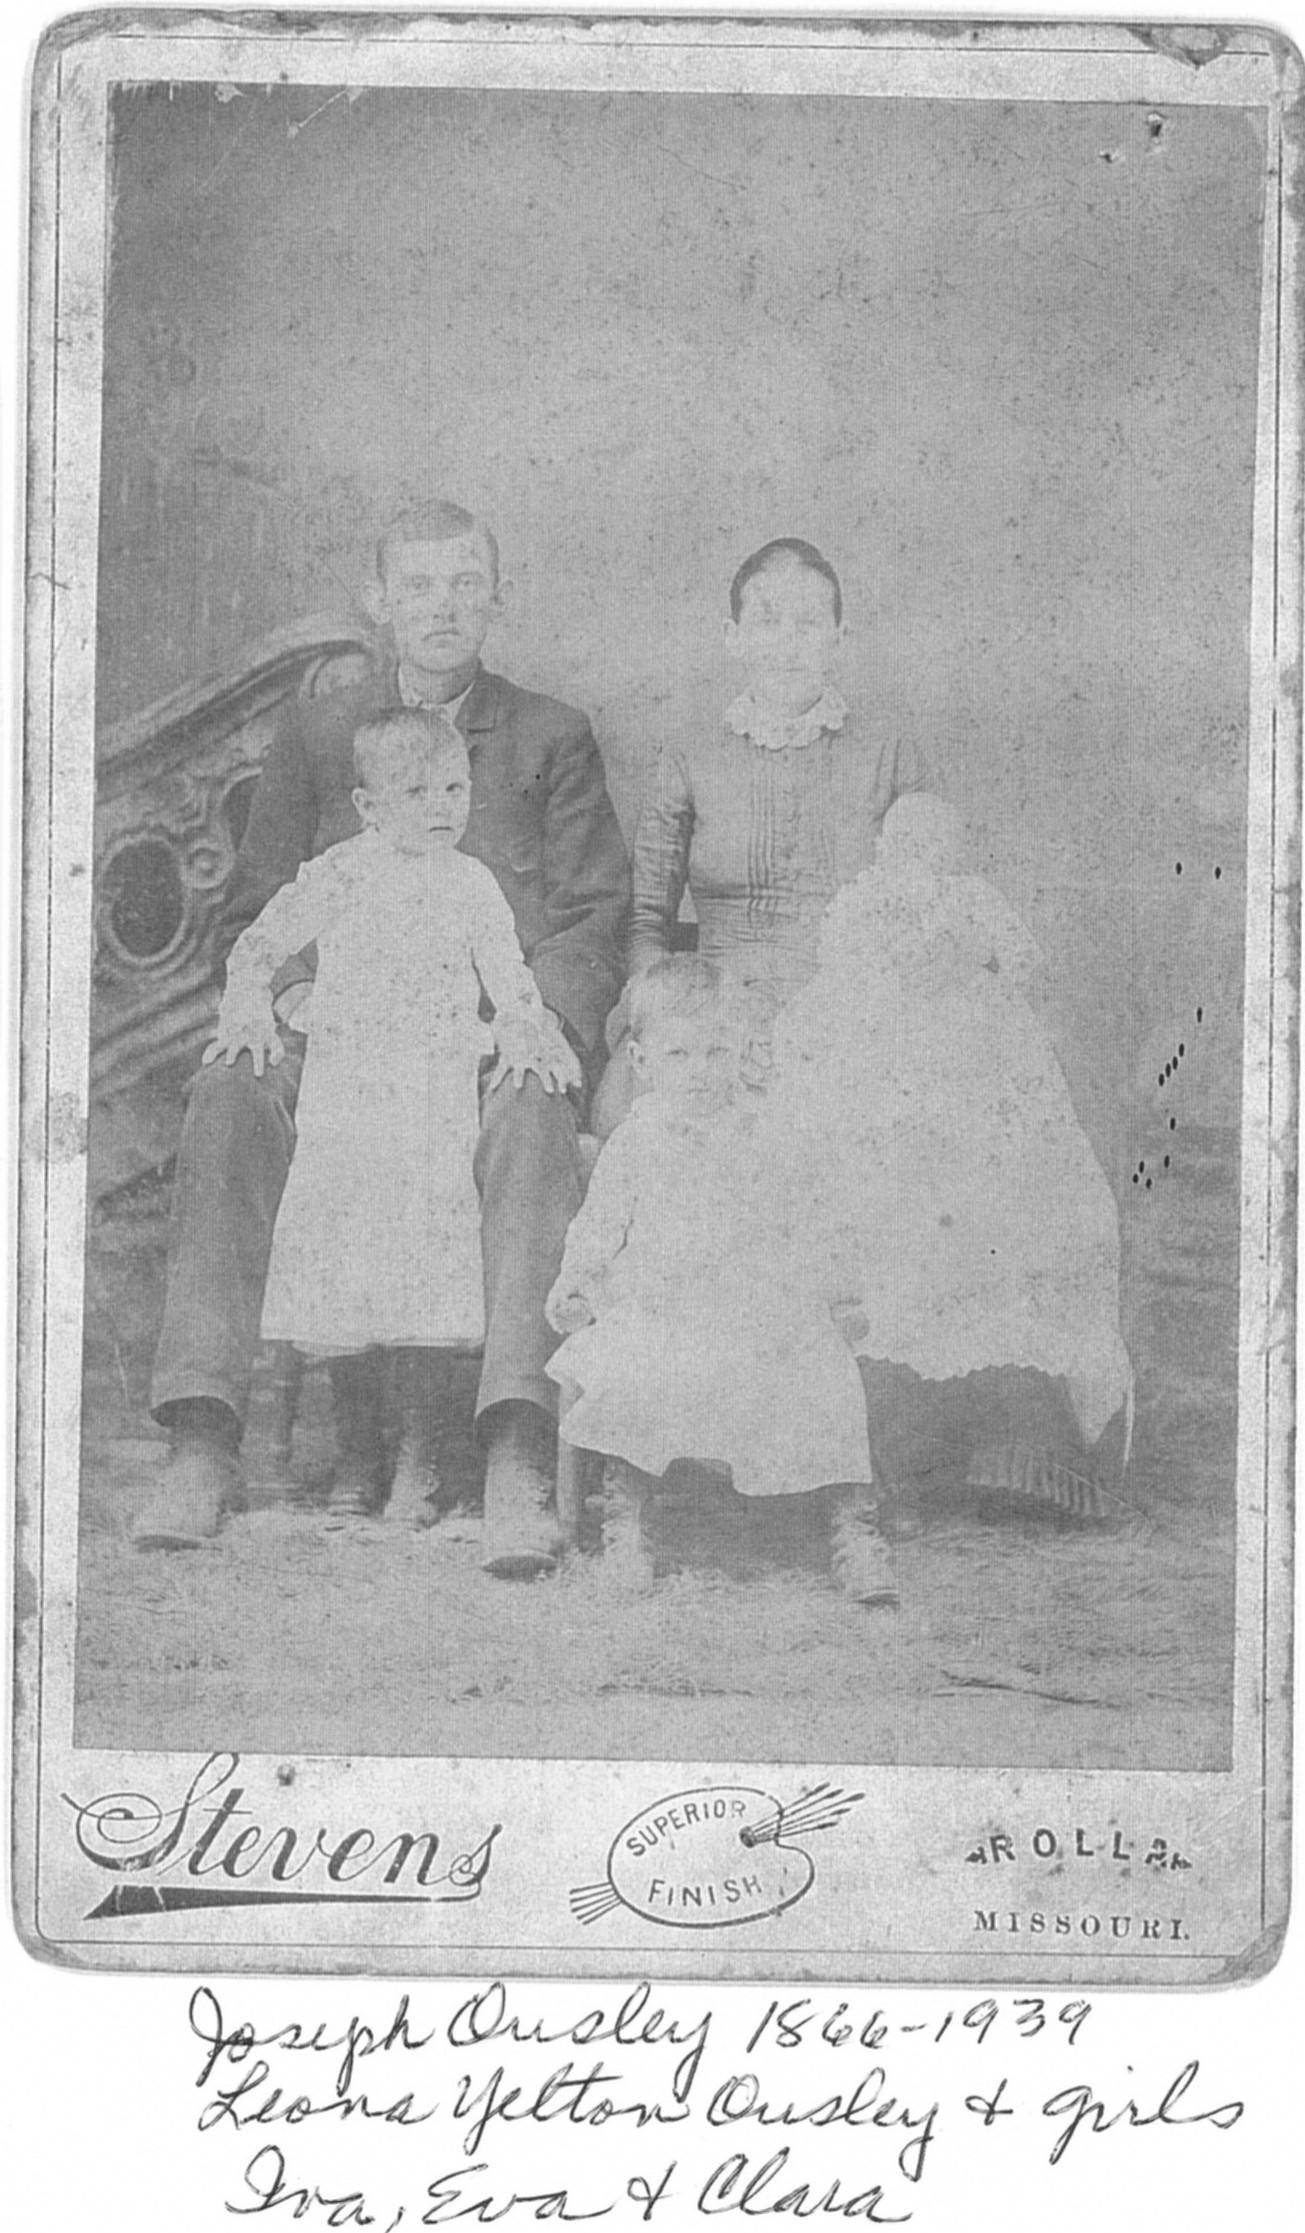 Joseph Sherrman Ousley family.jpg?149150